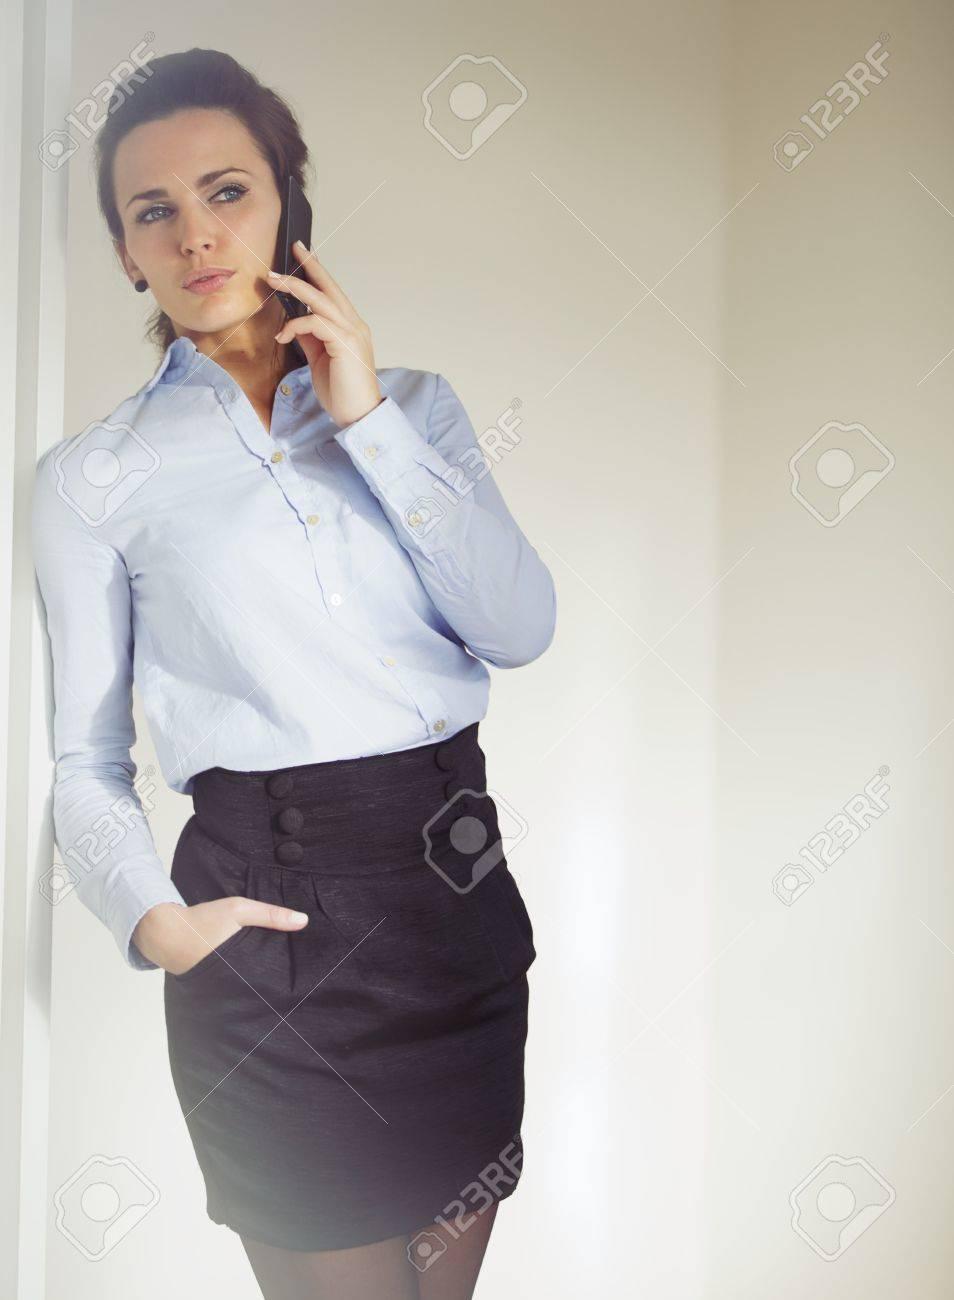 6bcf87058 Empresaria elegante vestida con falda y camisa hablando de negocios en el  teléfono. Mujer de raza blanca en los años 20 con el teléfono inteligente  ...